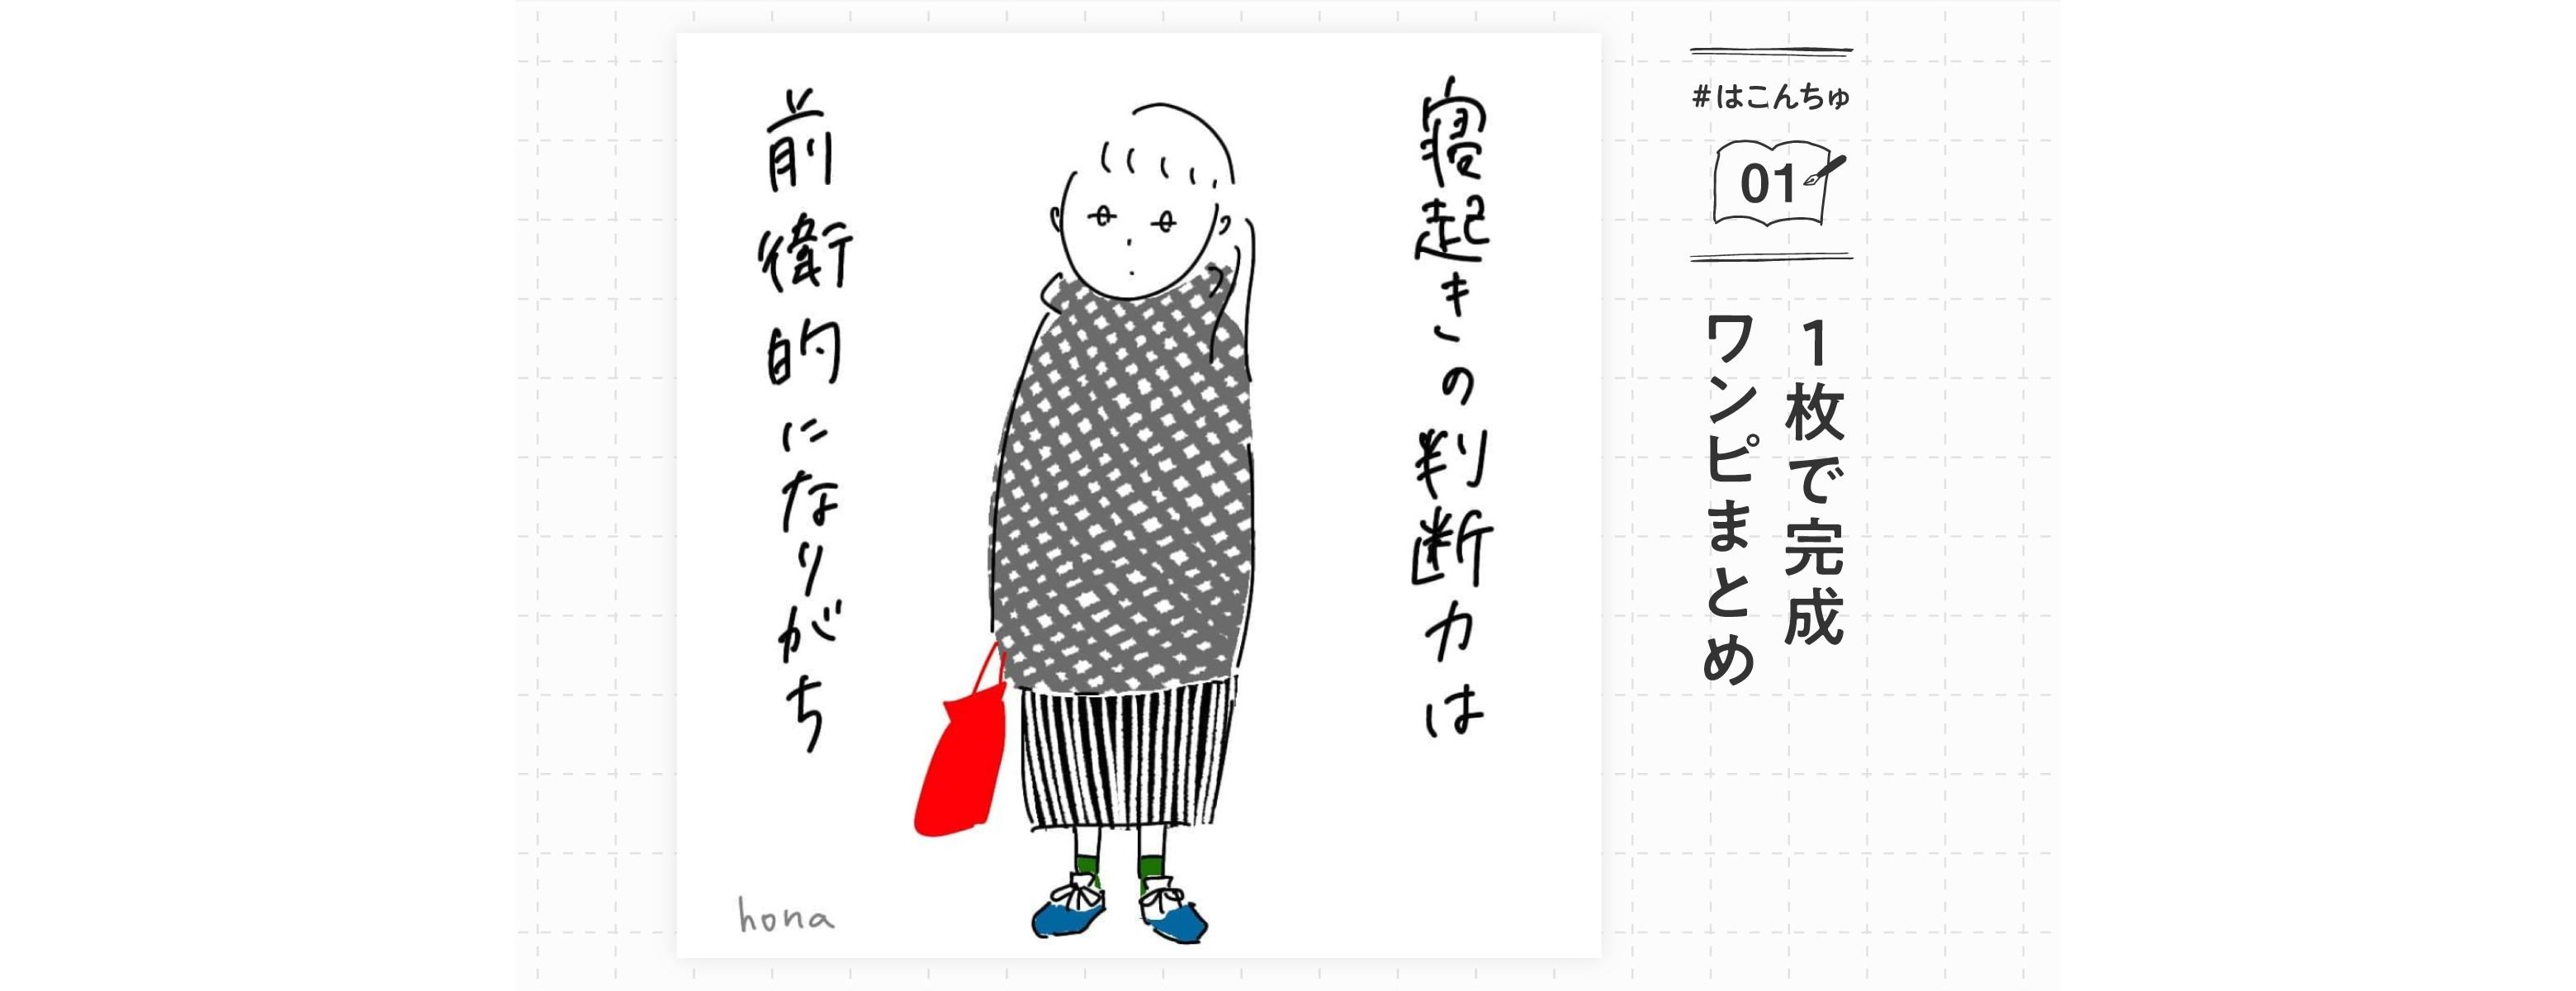 #はこんちゅ漫画  01